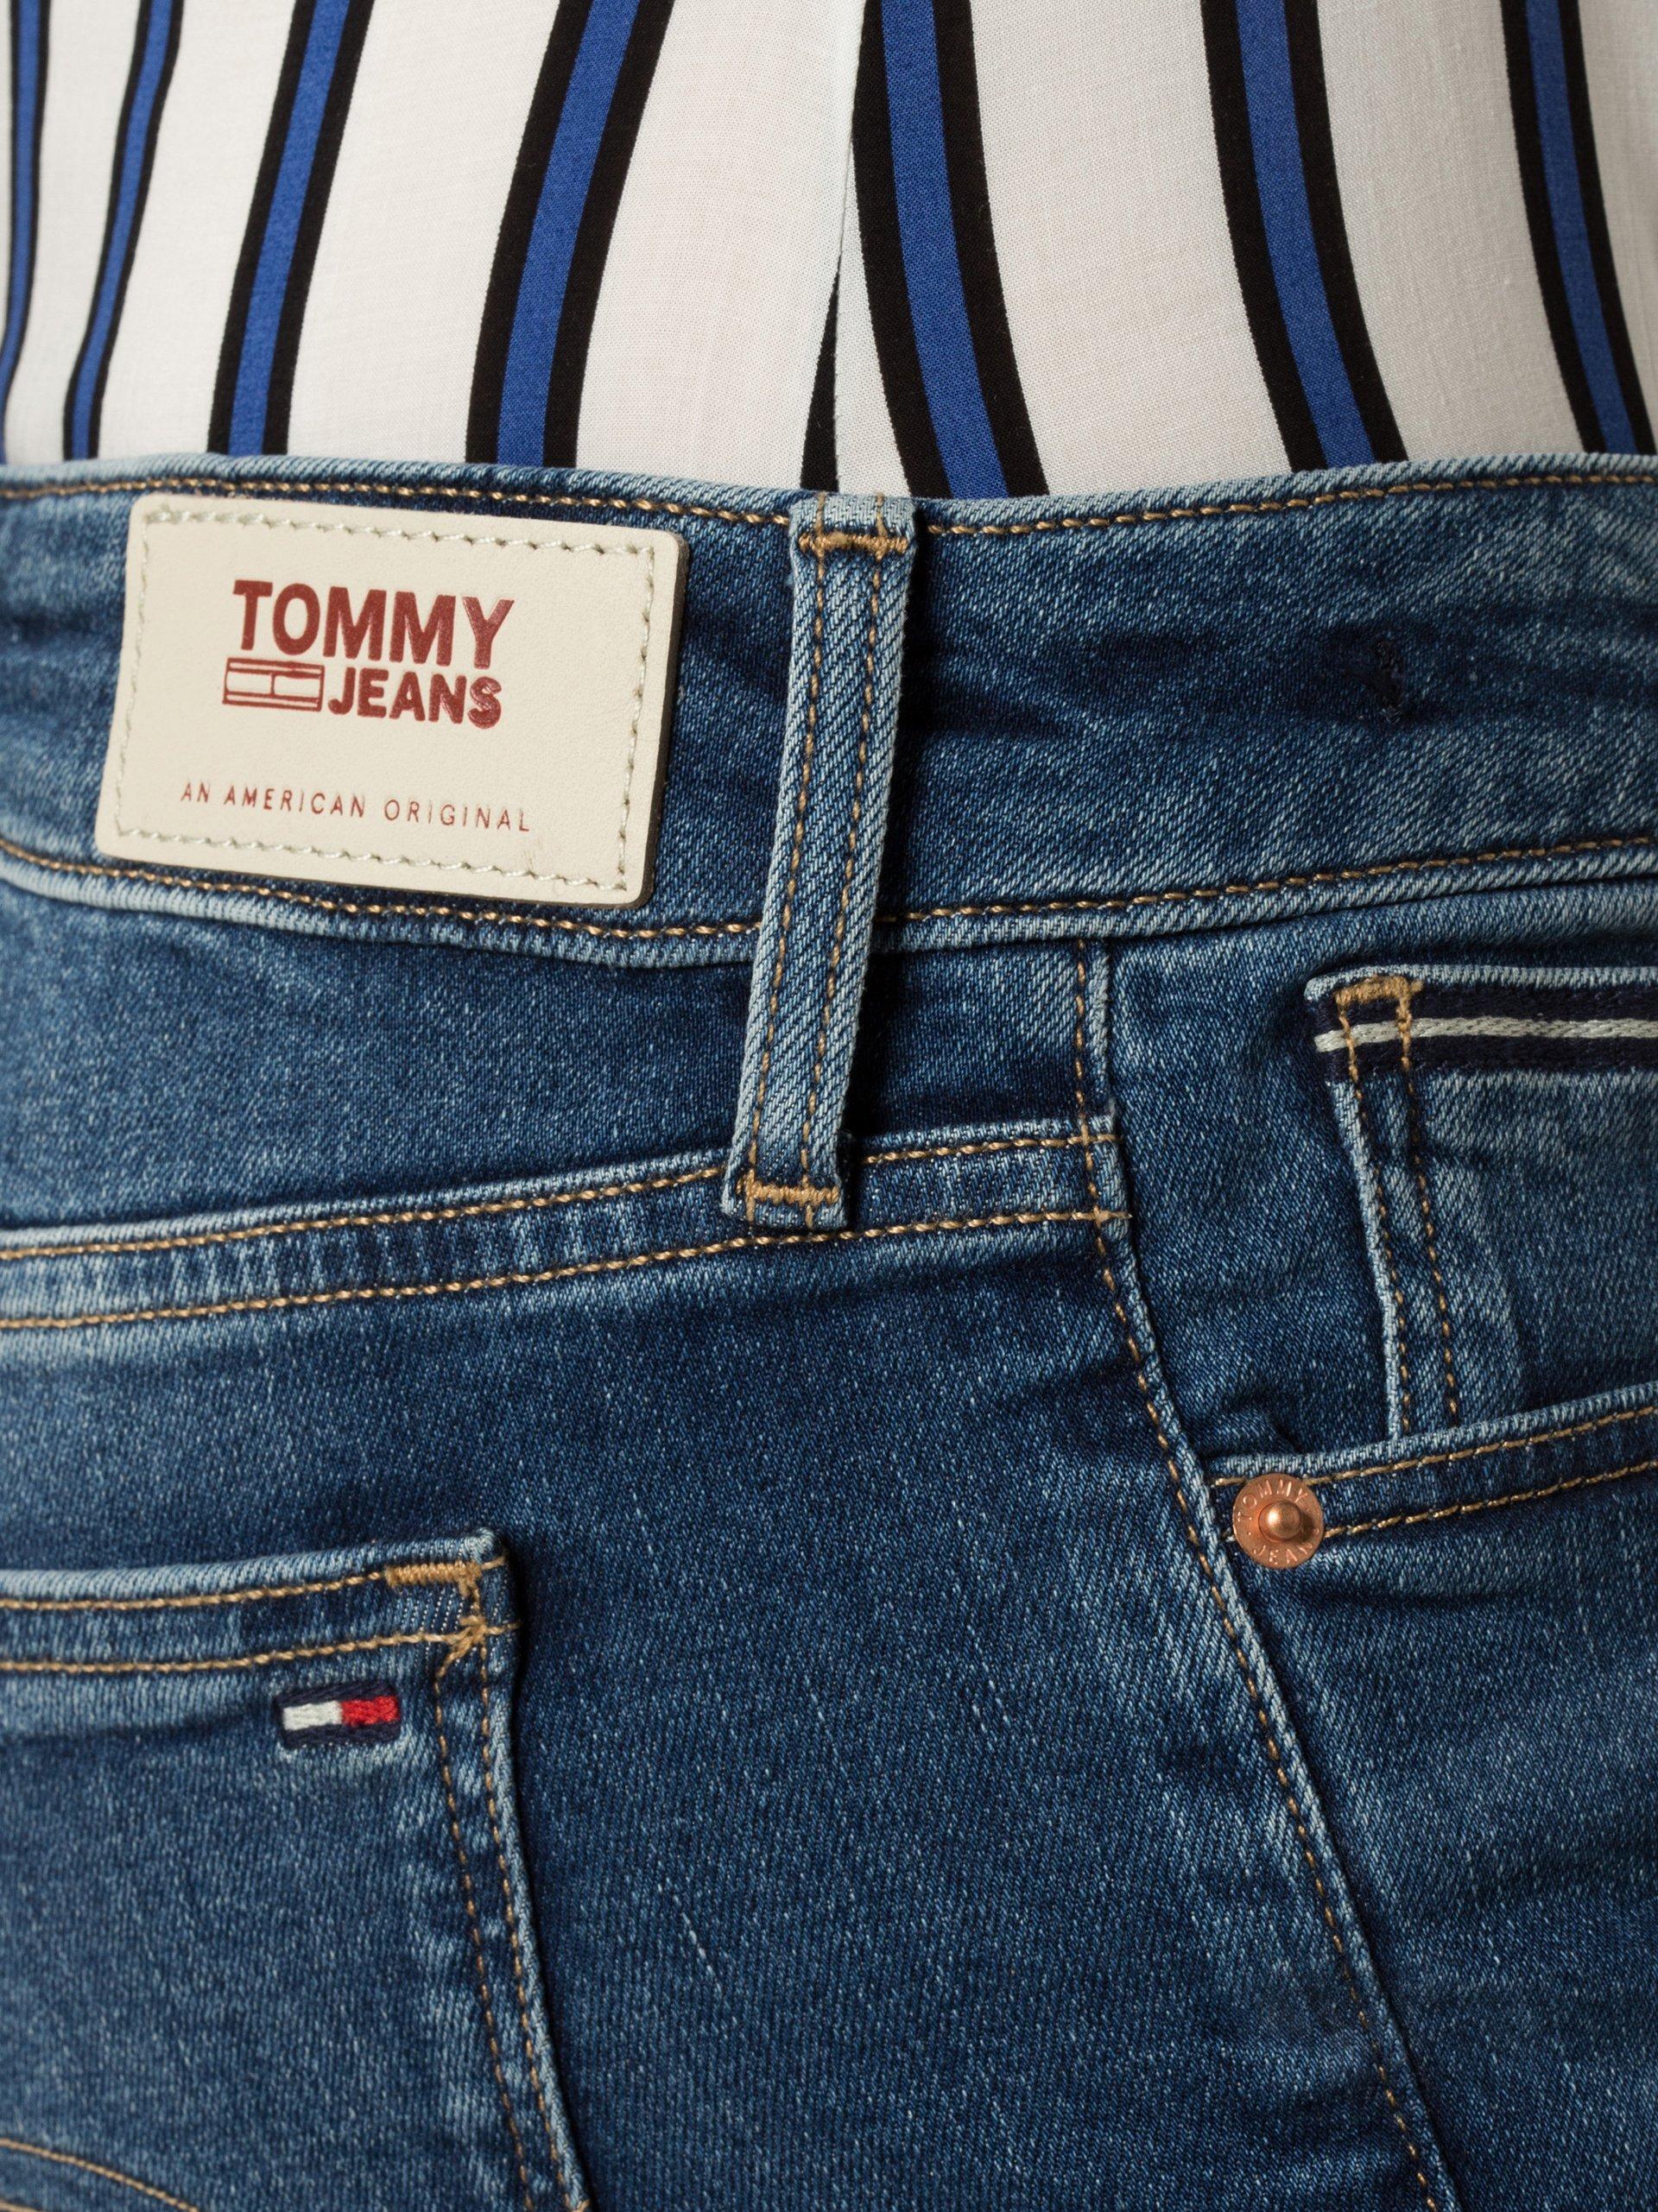 Tommy Jeans Damskie krótkie spodenki jeansowe